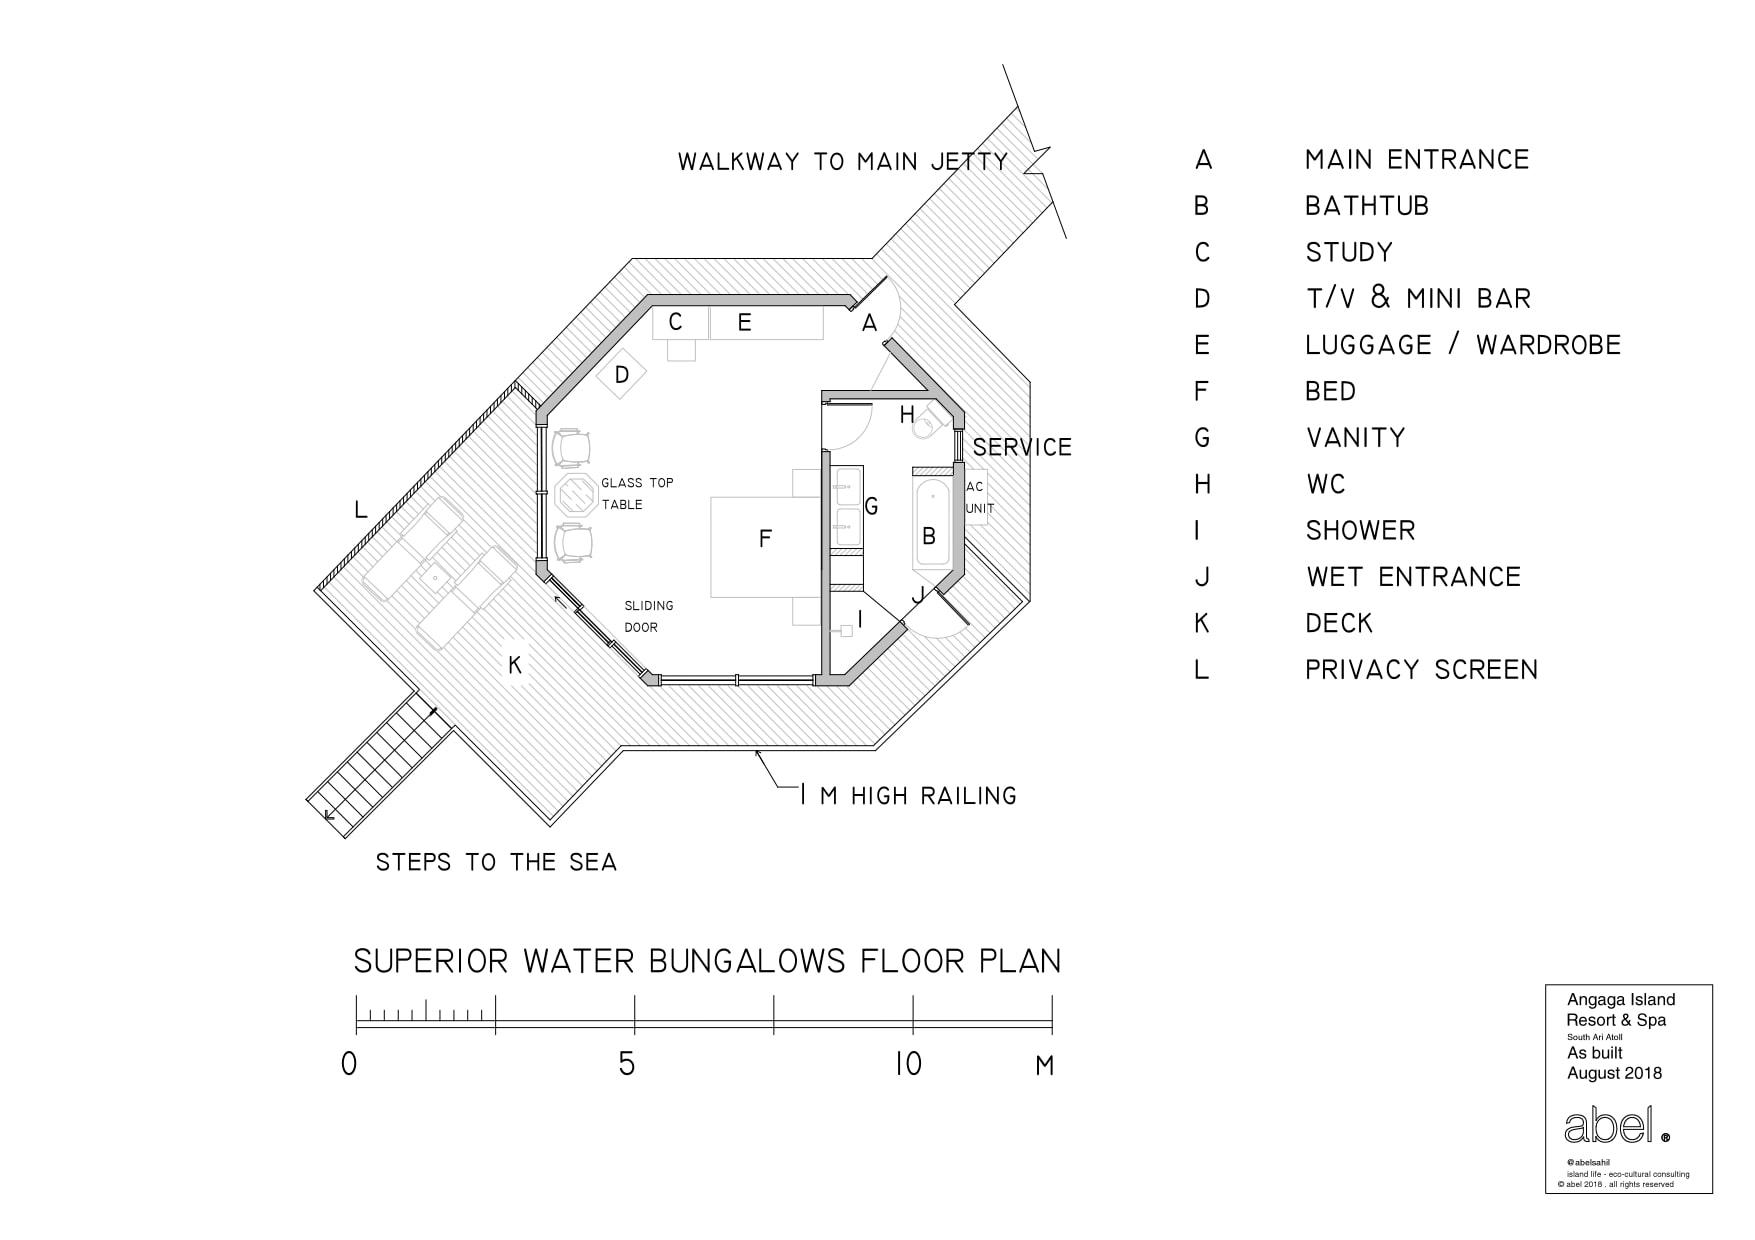 Мальдивы, отель Angaga Island Resort & Spa, план-схема номера Superior Water Bungalow